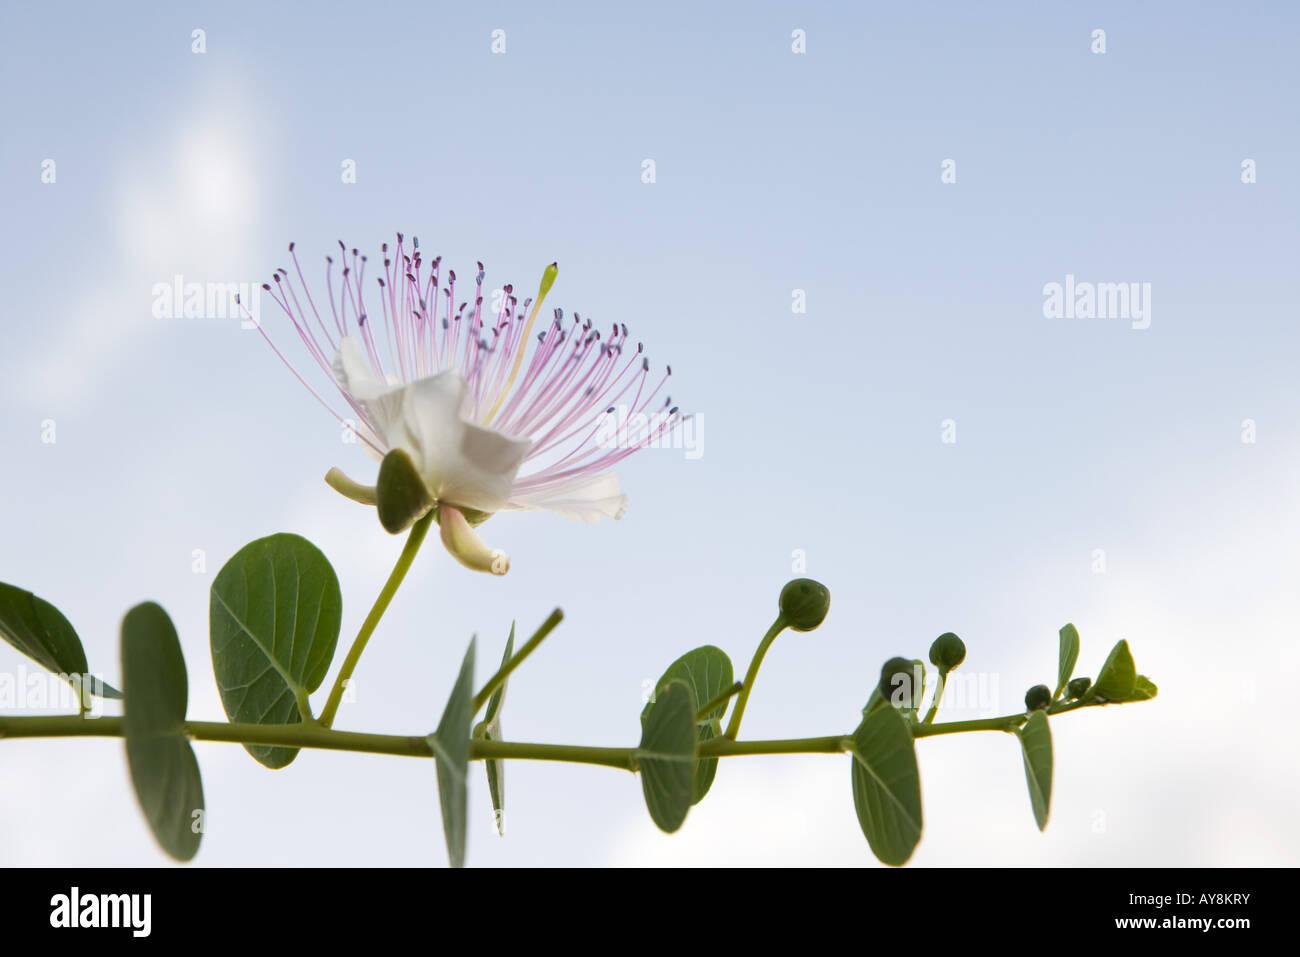 Eucalyptus branch in flower - Stock Image